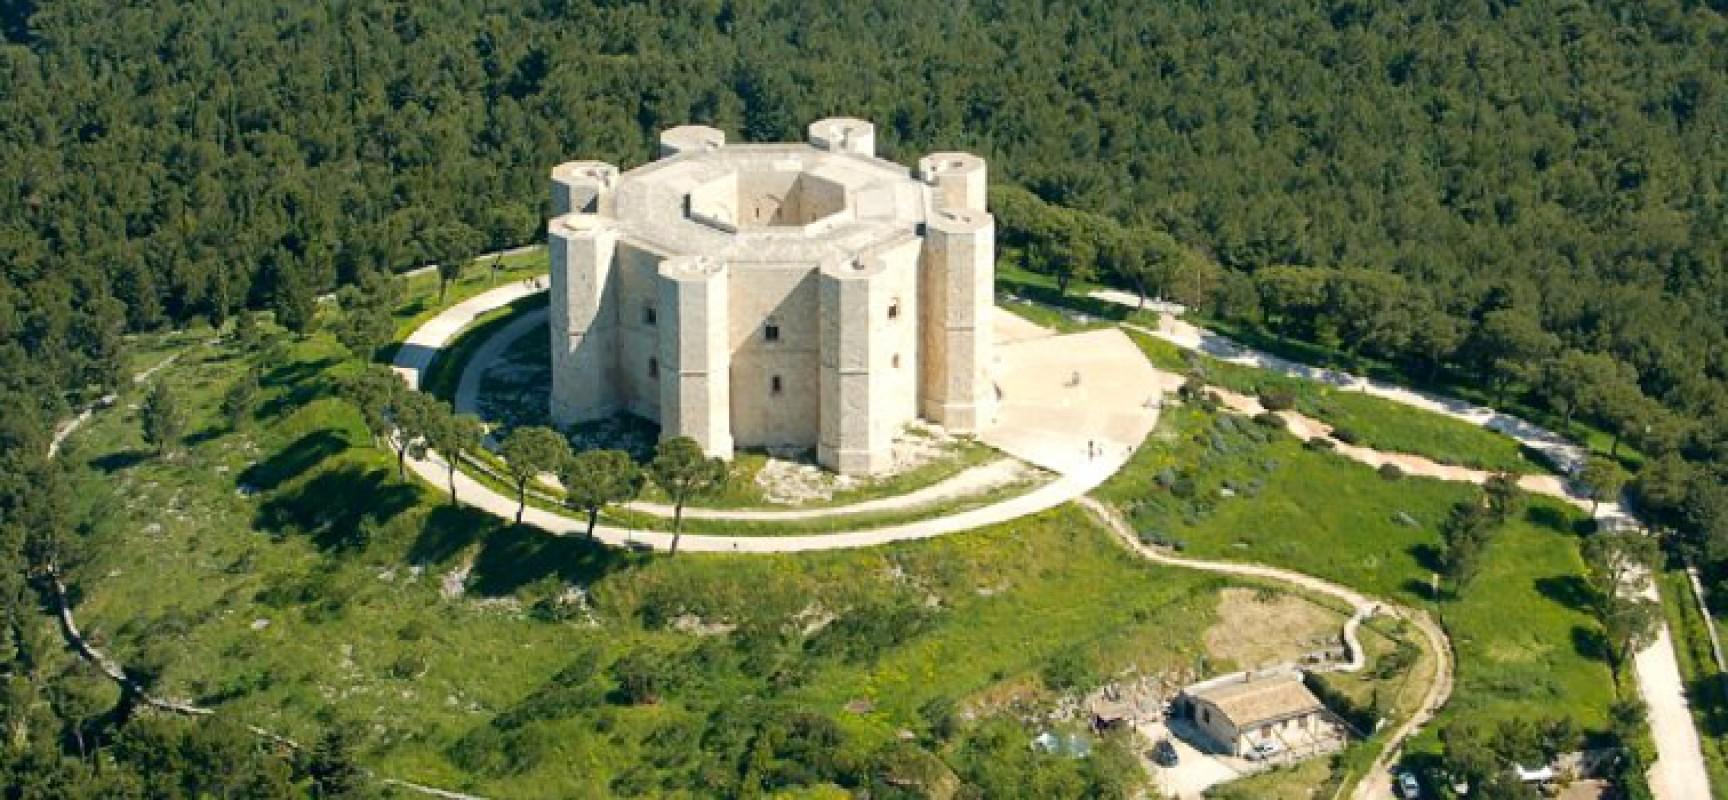 Afbeeldingsresultaat voor castel monte